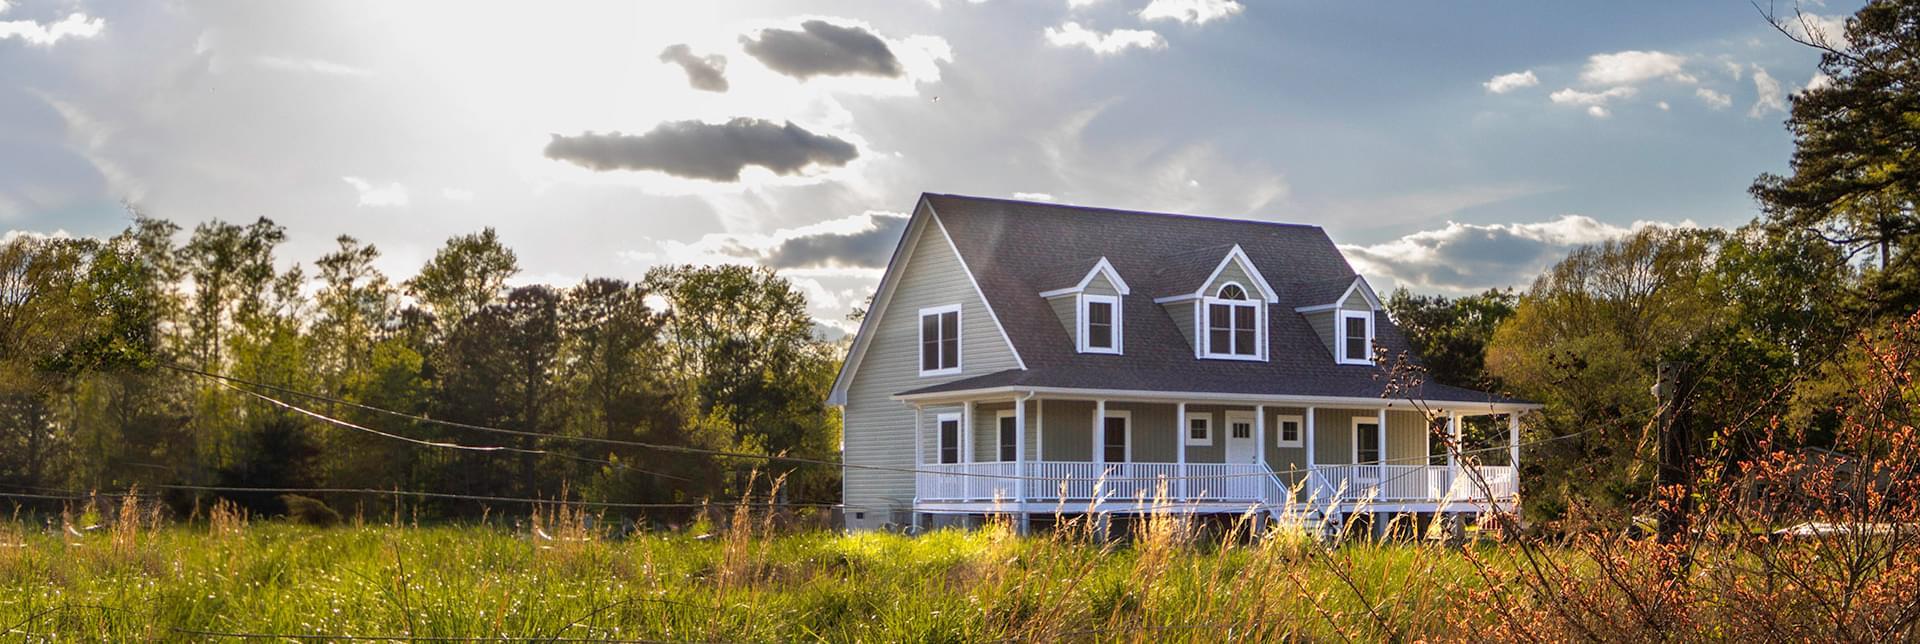 New Homes in Manassas Park VA